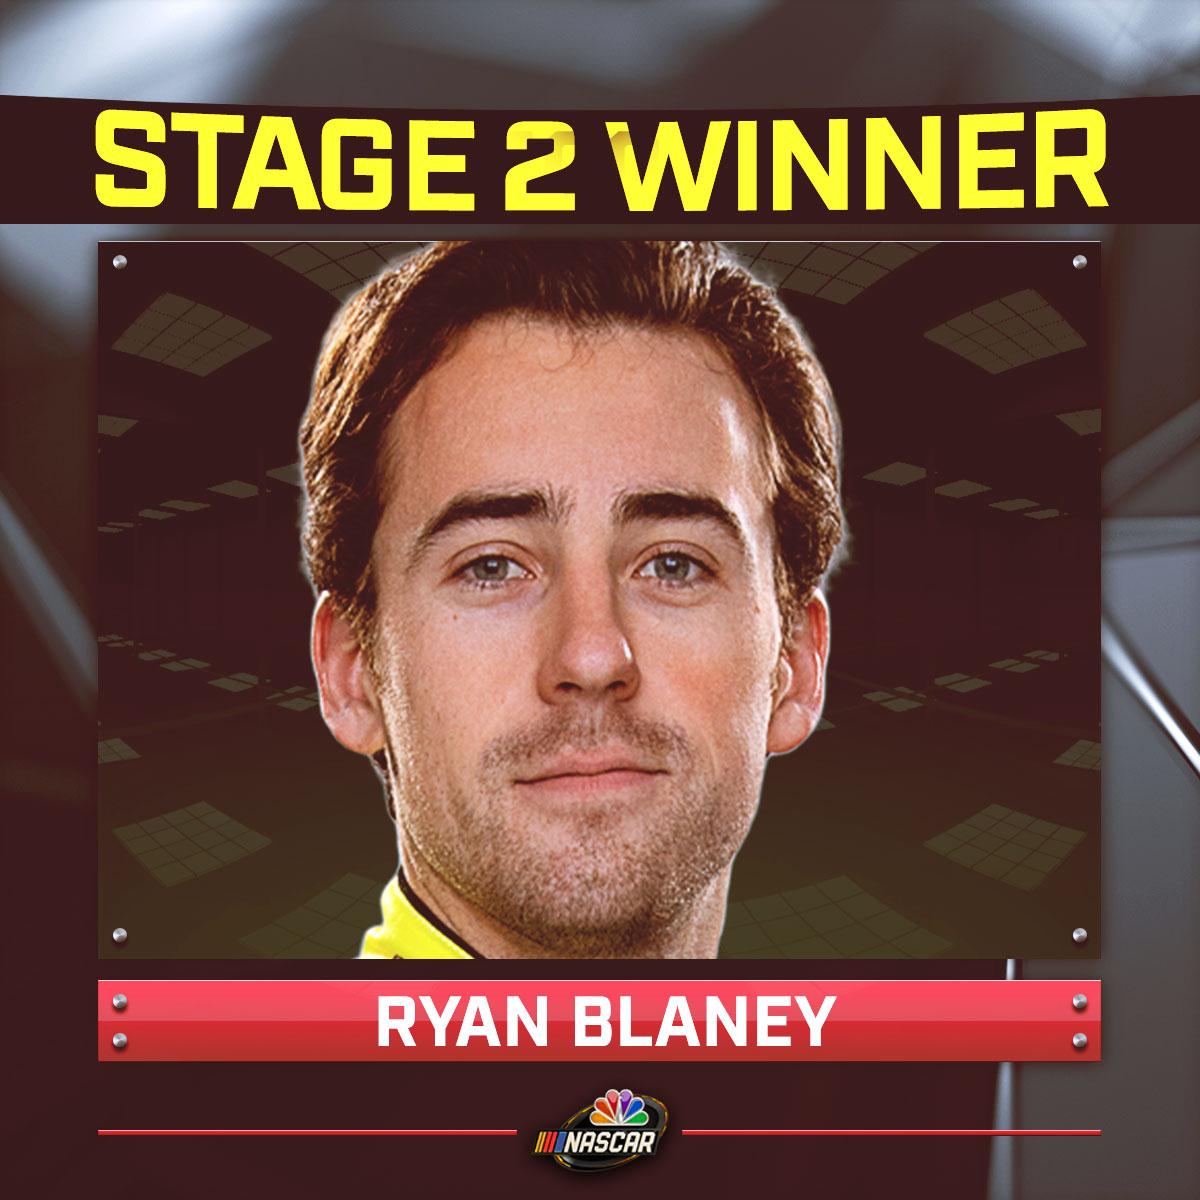 @NASCARonNBC's photo on Blaney